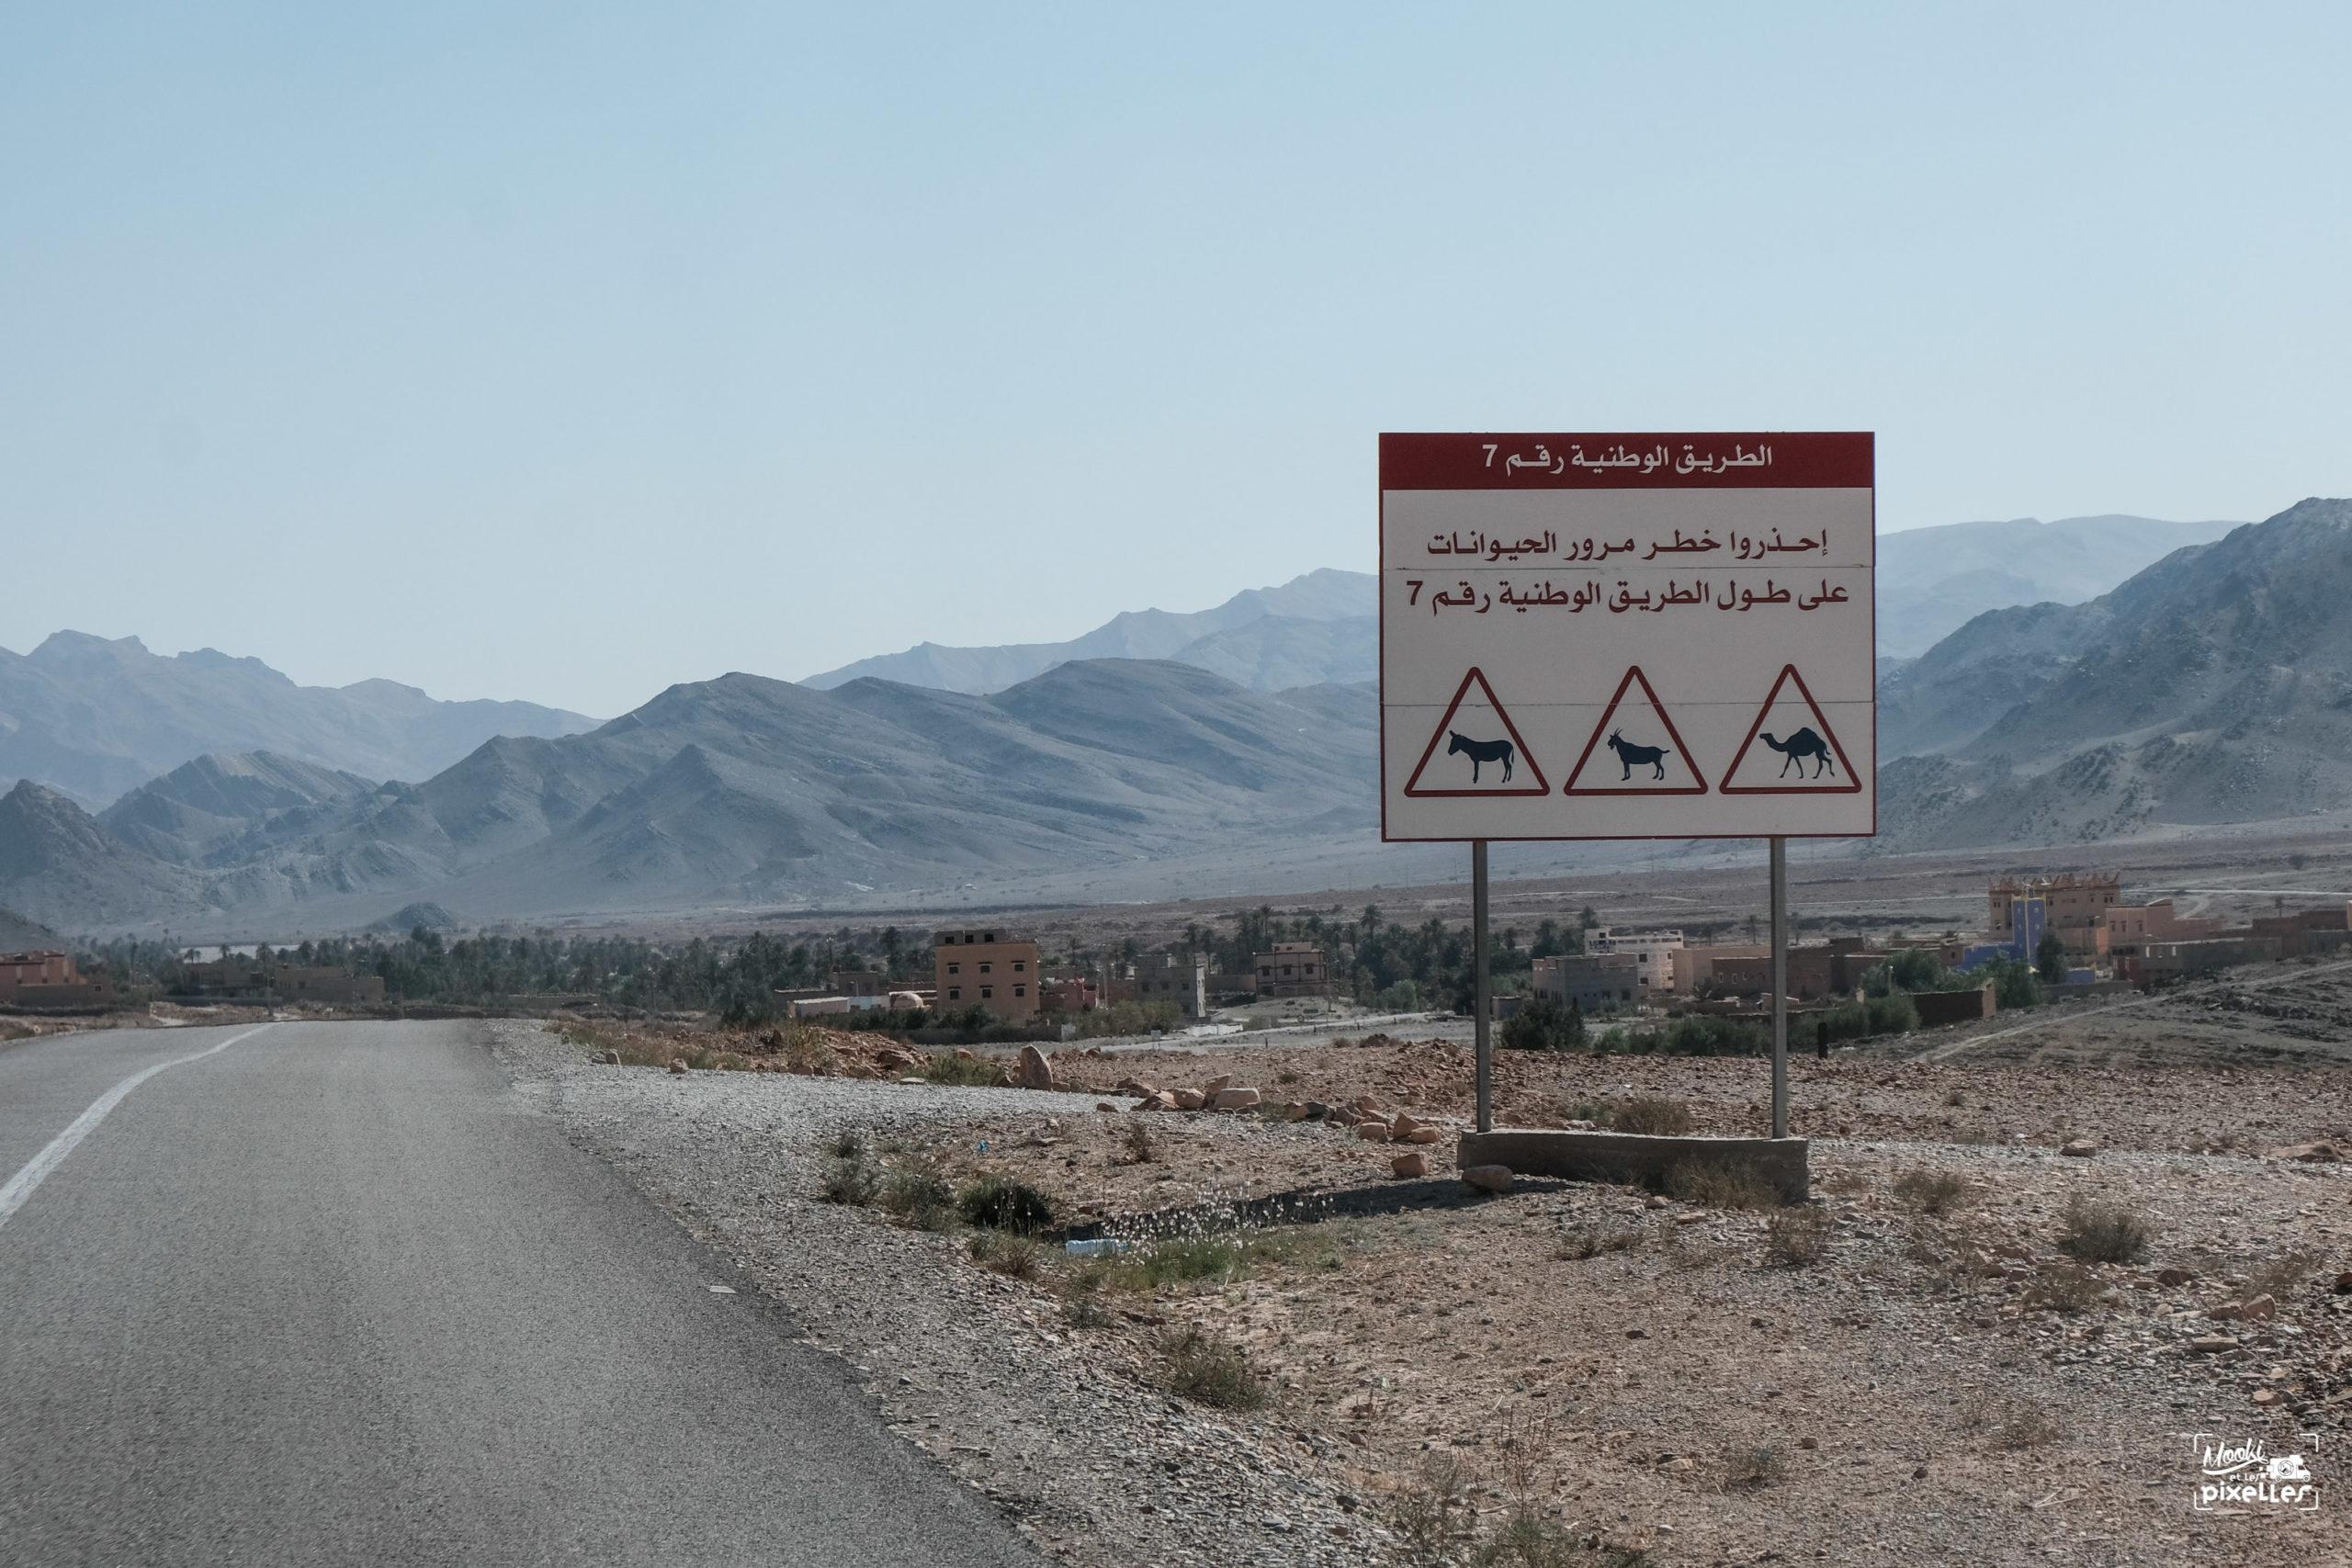 Panneau de signalisation écrit en arabe au Maroc